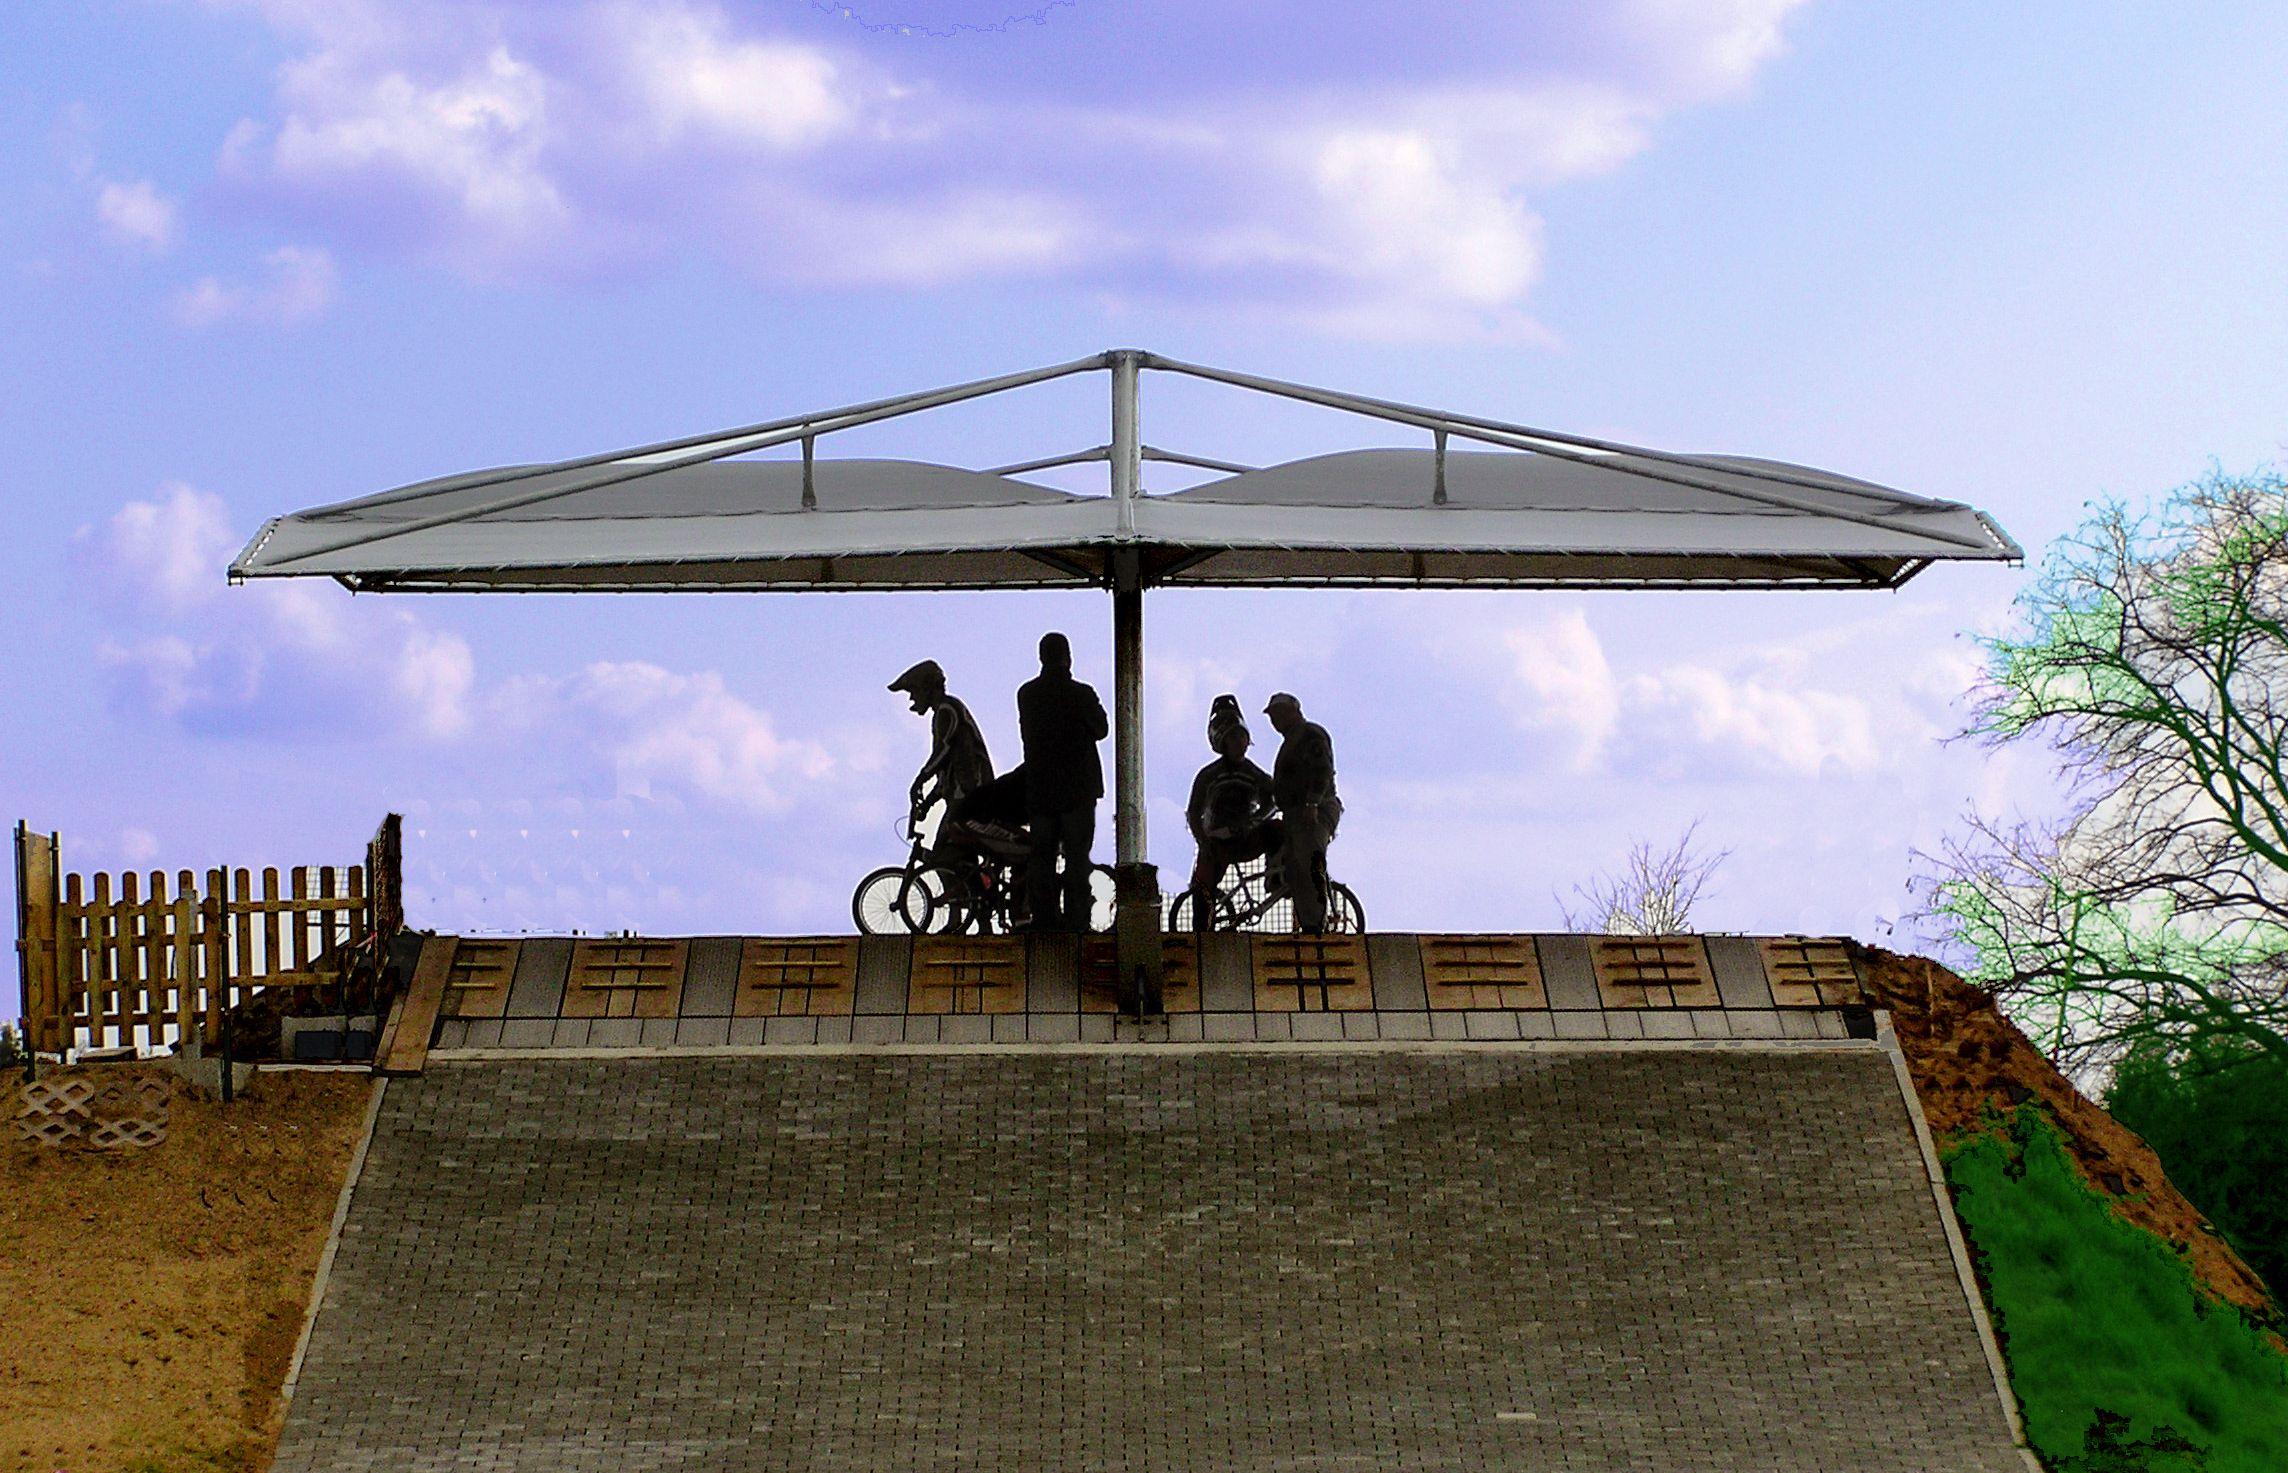 Doppelcarport BMX-Start #Carport #Überdachung #Schatten #BMX ...